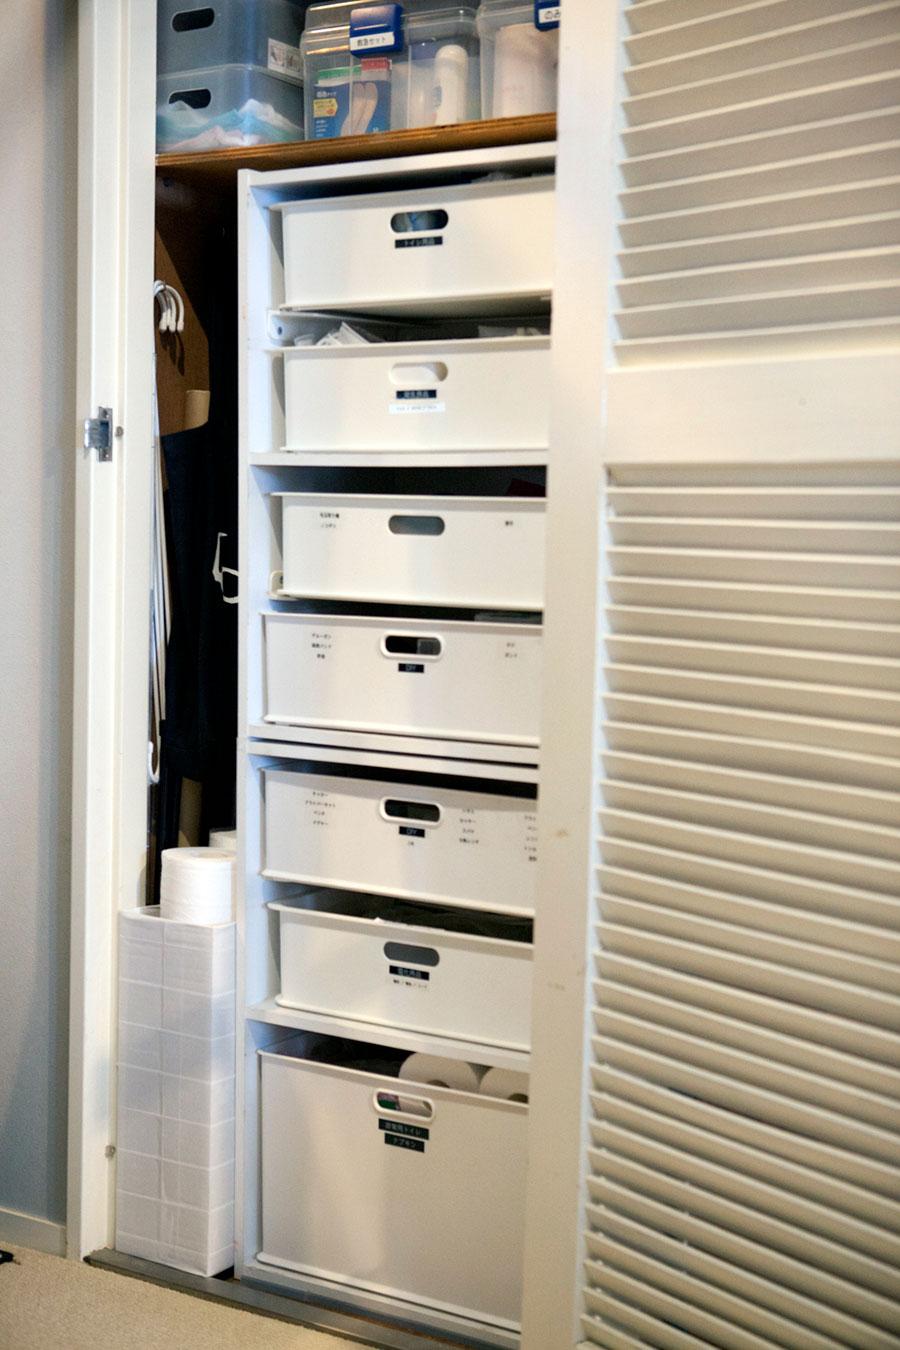 こちらは廊下にある収納庫の中。仕切りレールを使って、カラーボックスを引出し式の棚のようにアレンジした。細かく分割することで使いやすい収納に。